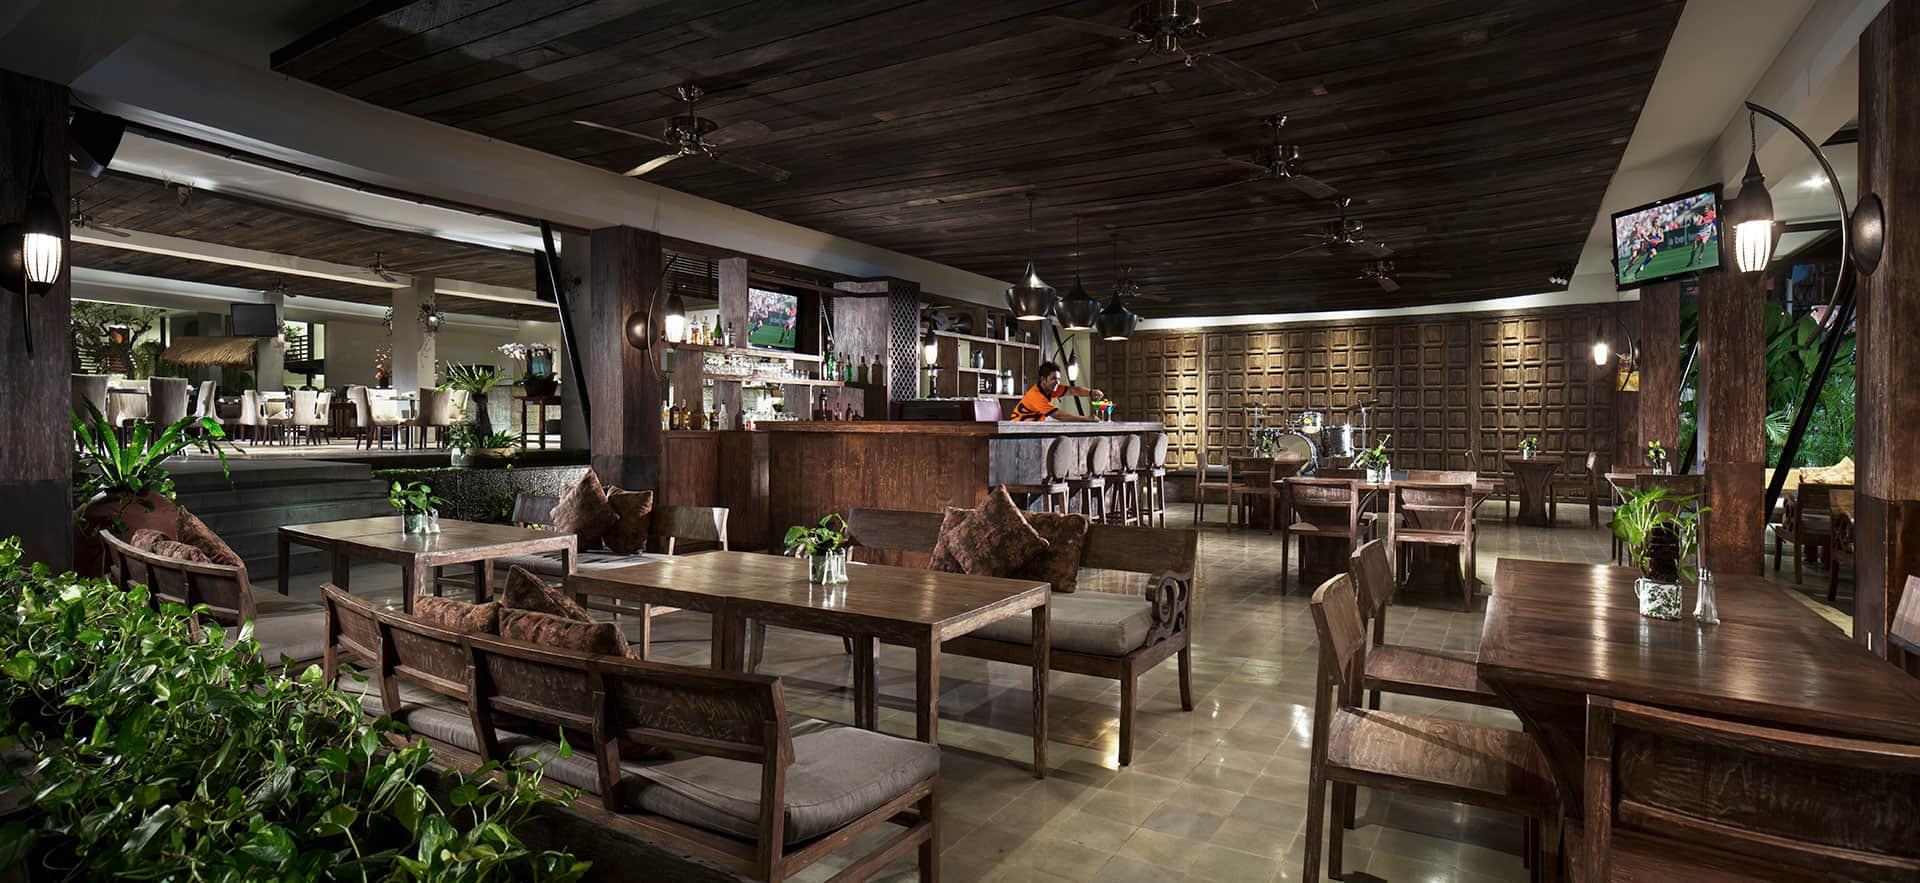 Pavoz Restaurant and Bar, Sun Island Hotel Spa Kuta